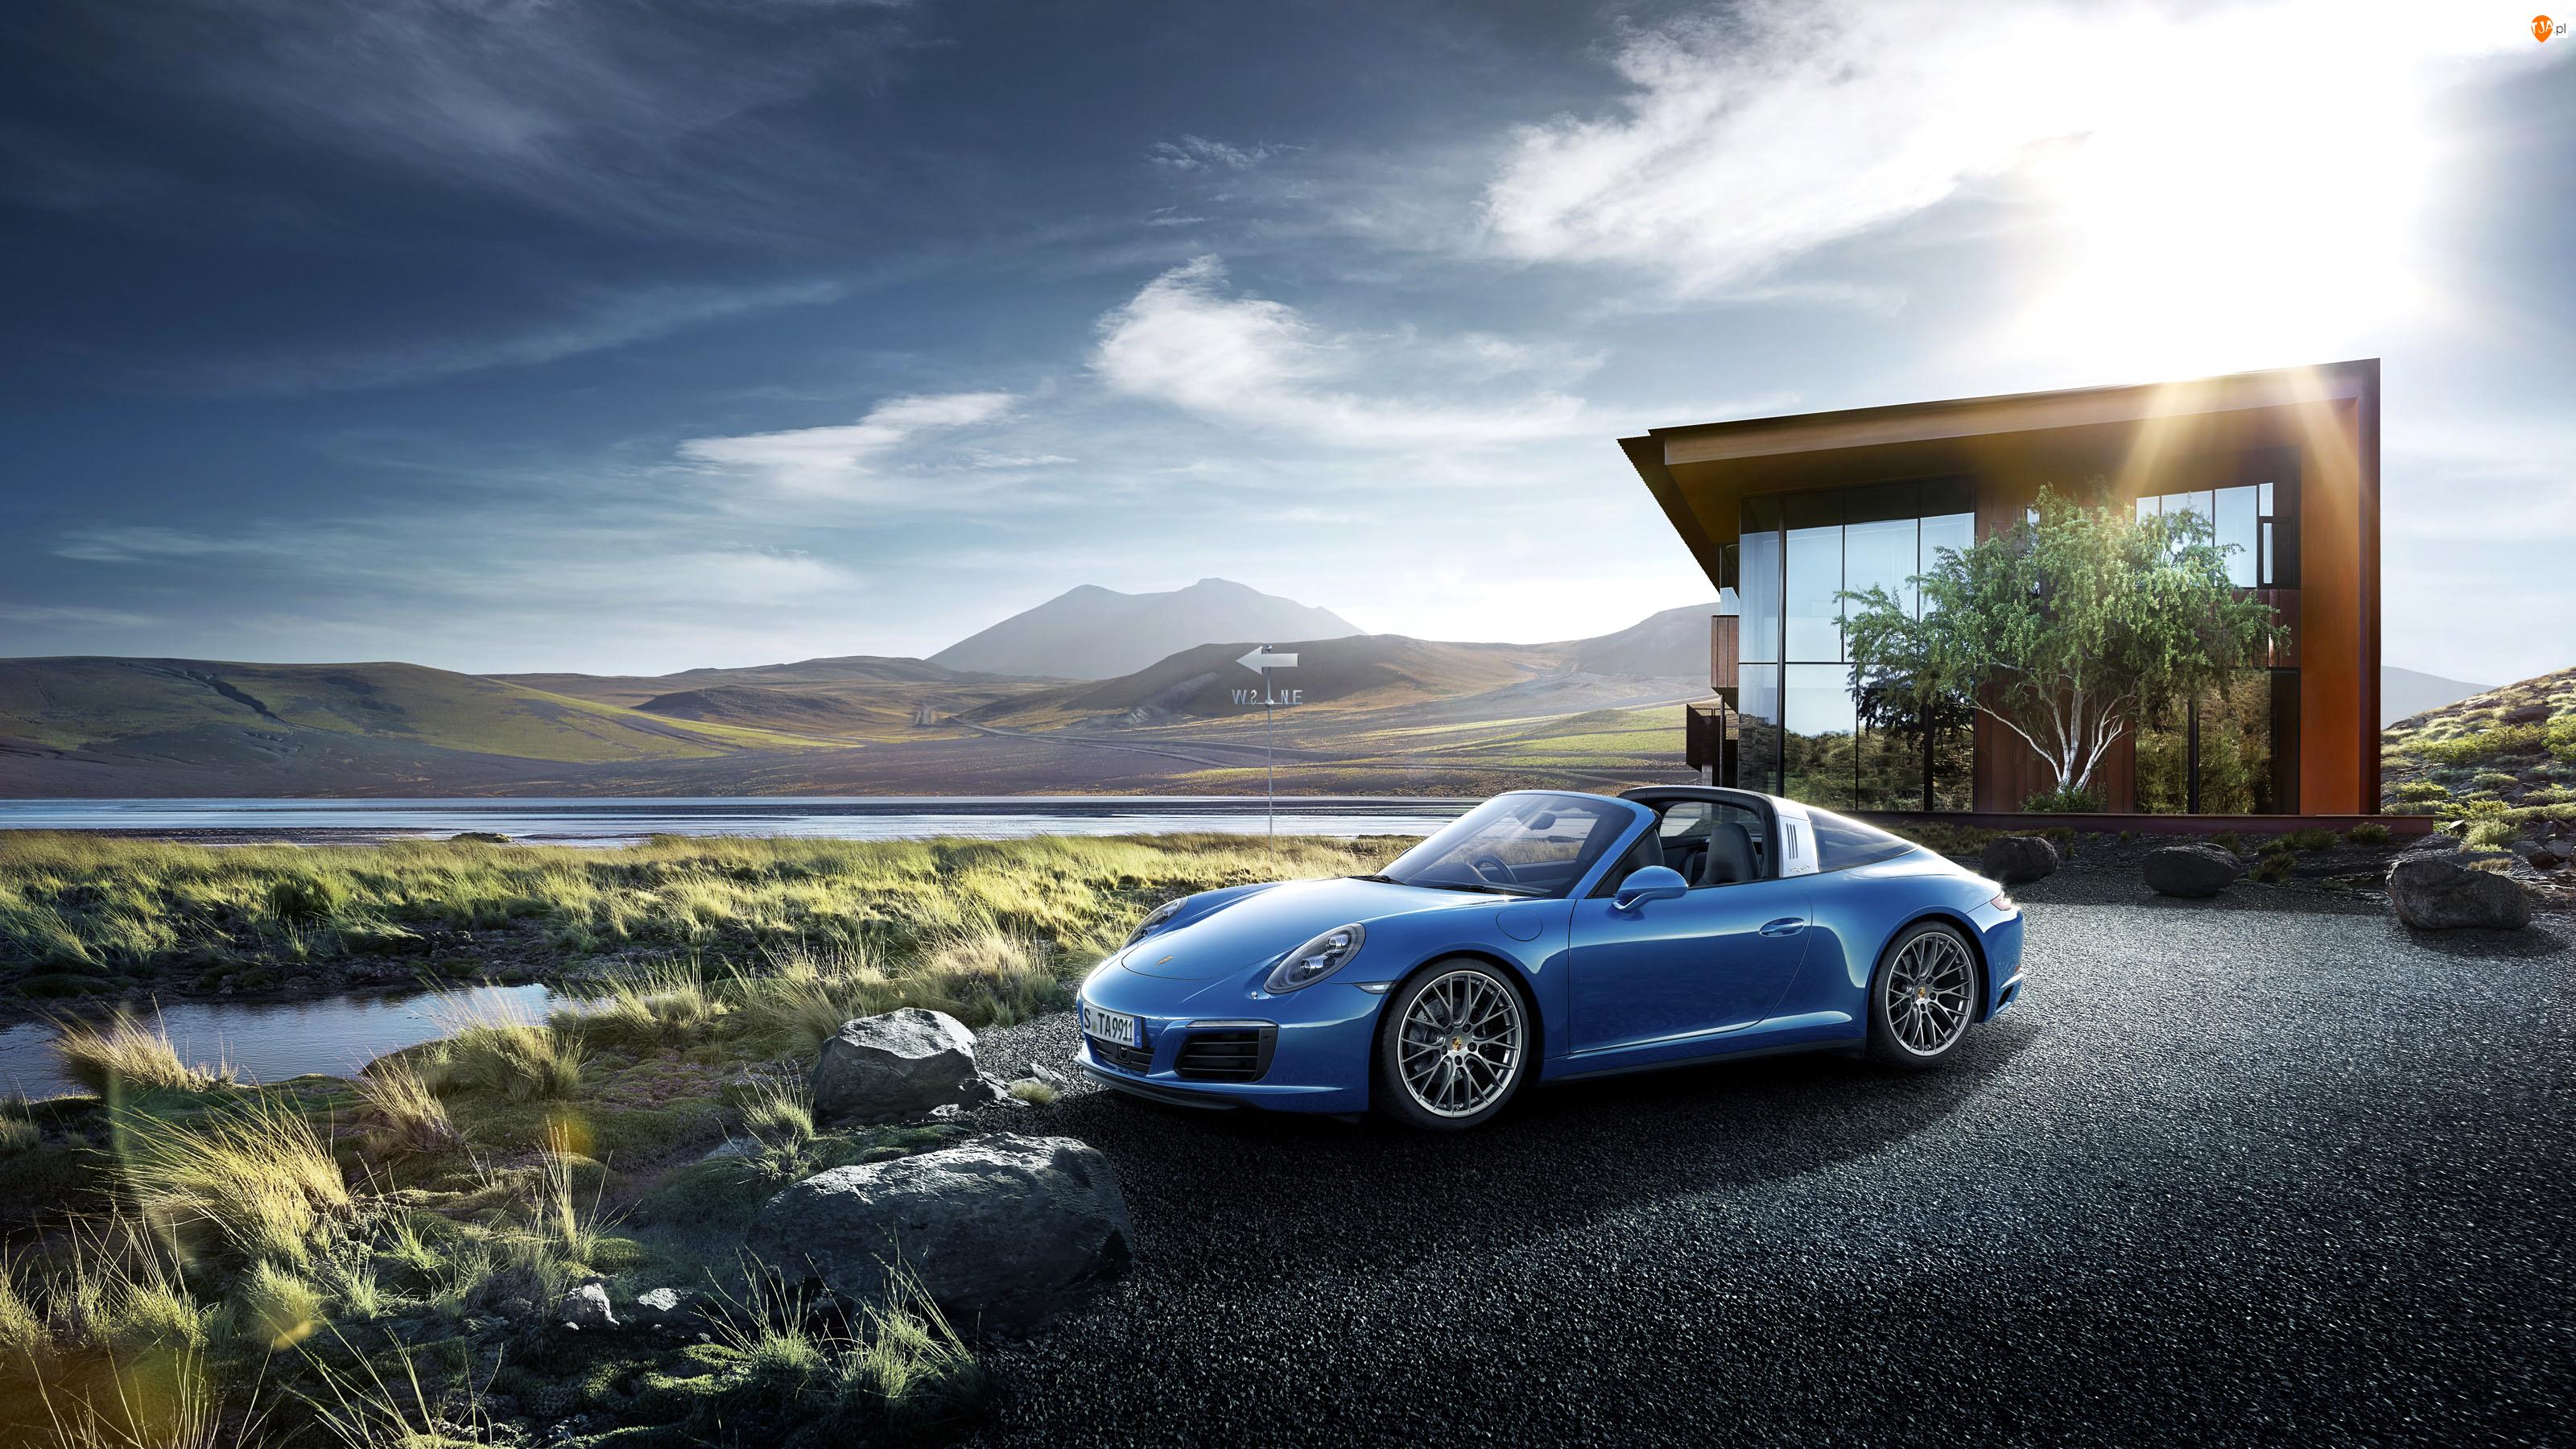 Dom, Porsche 911 Targa